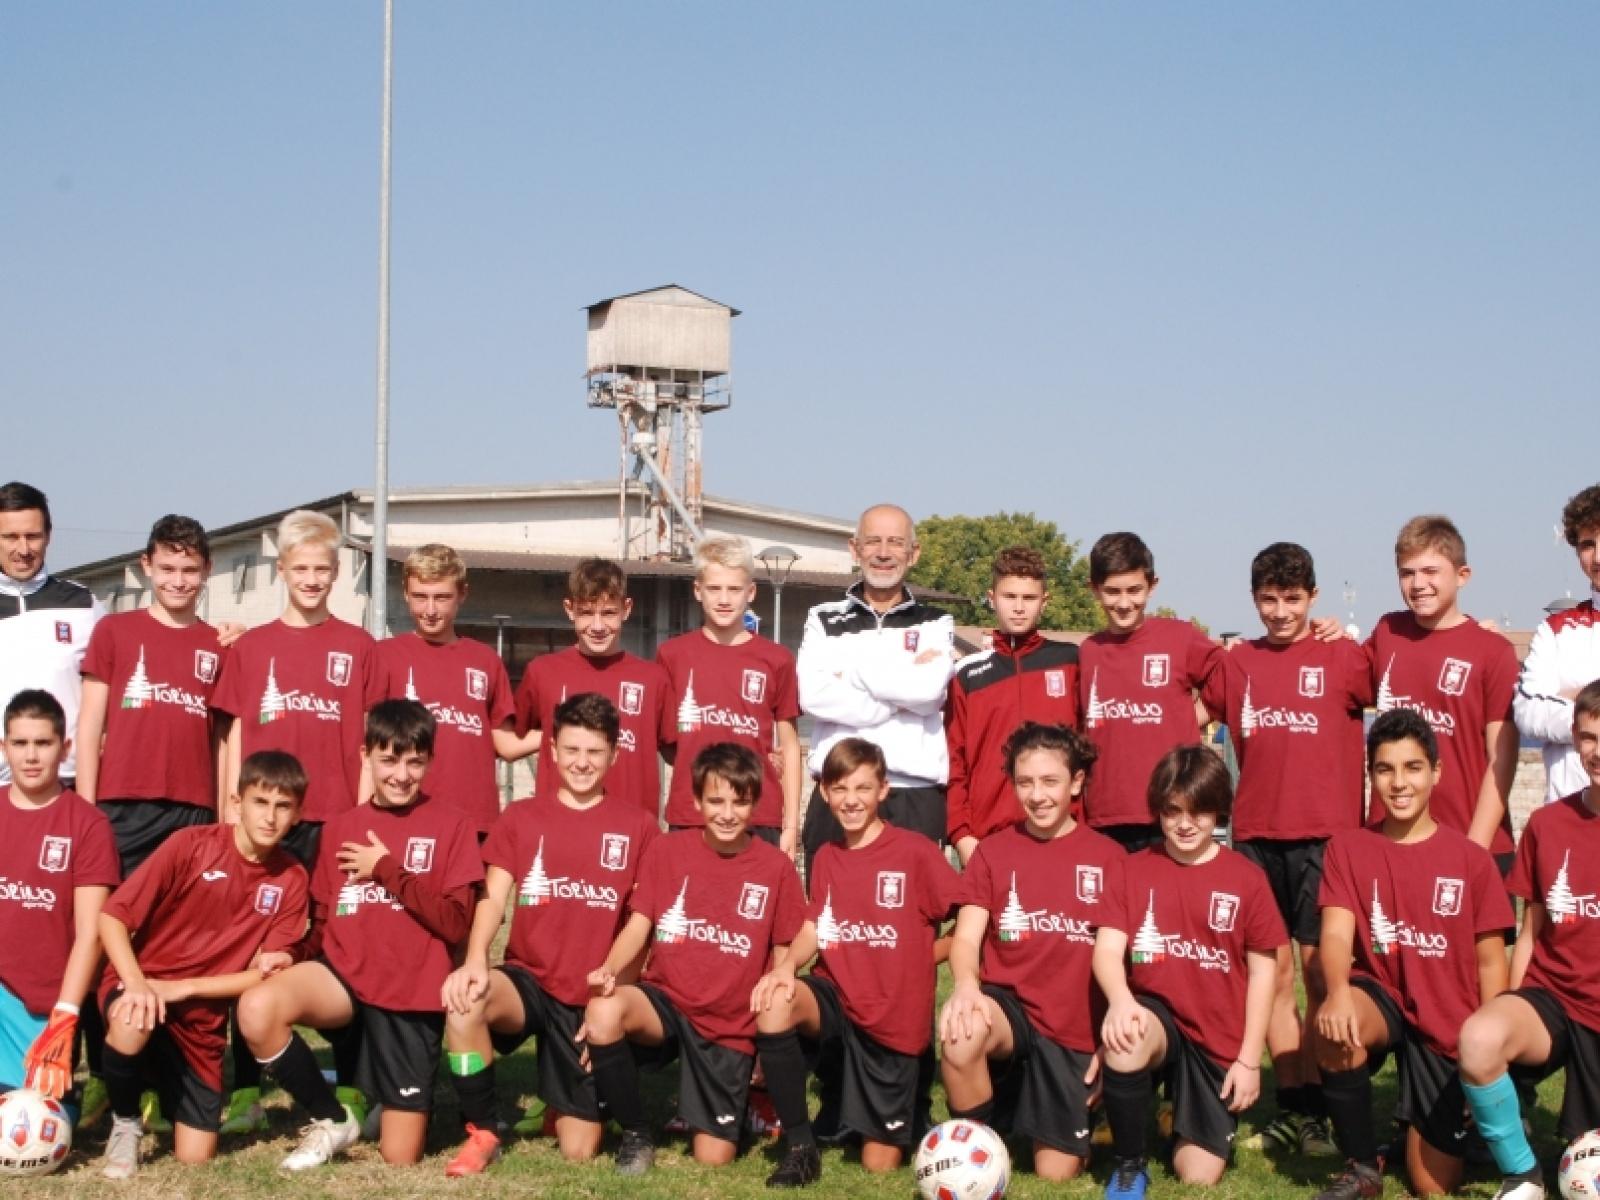 Campionato 2021-22 Quarta giornata Scarnafigi-Saluzzo 2-5